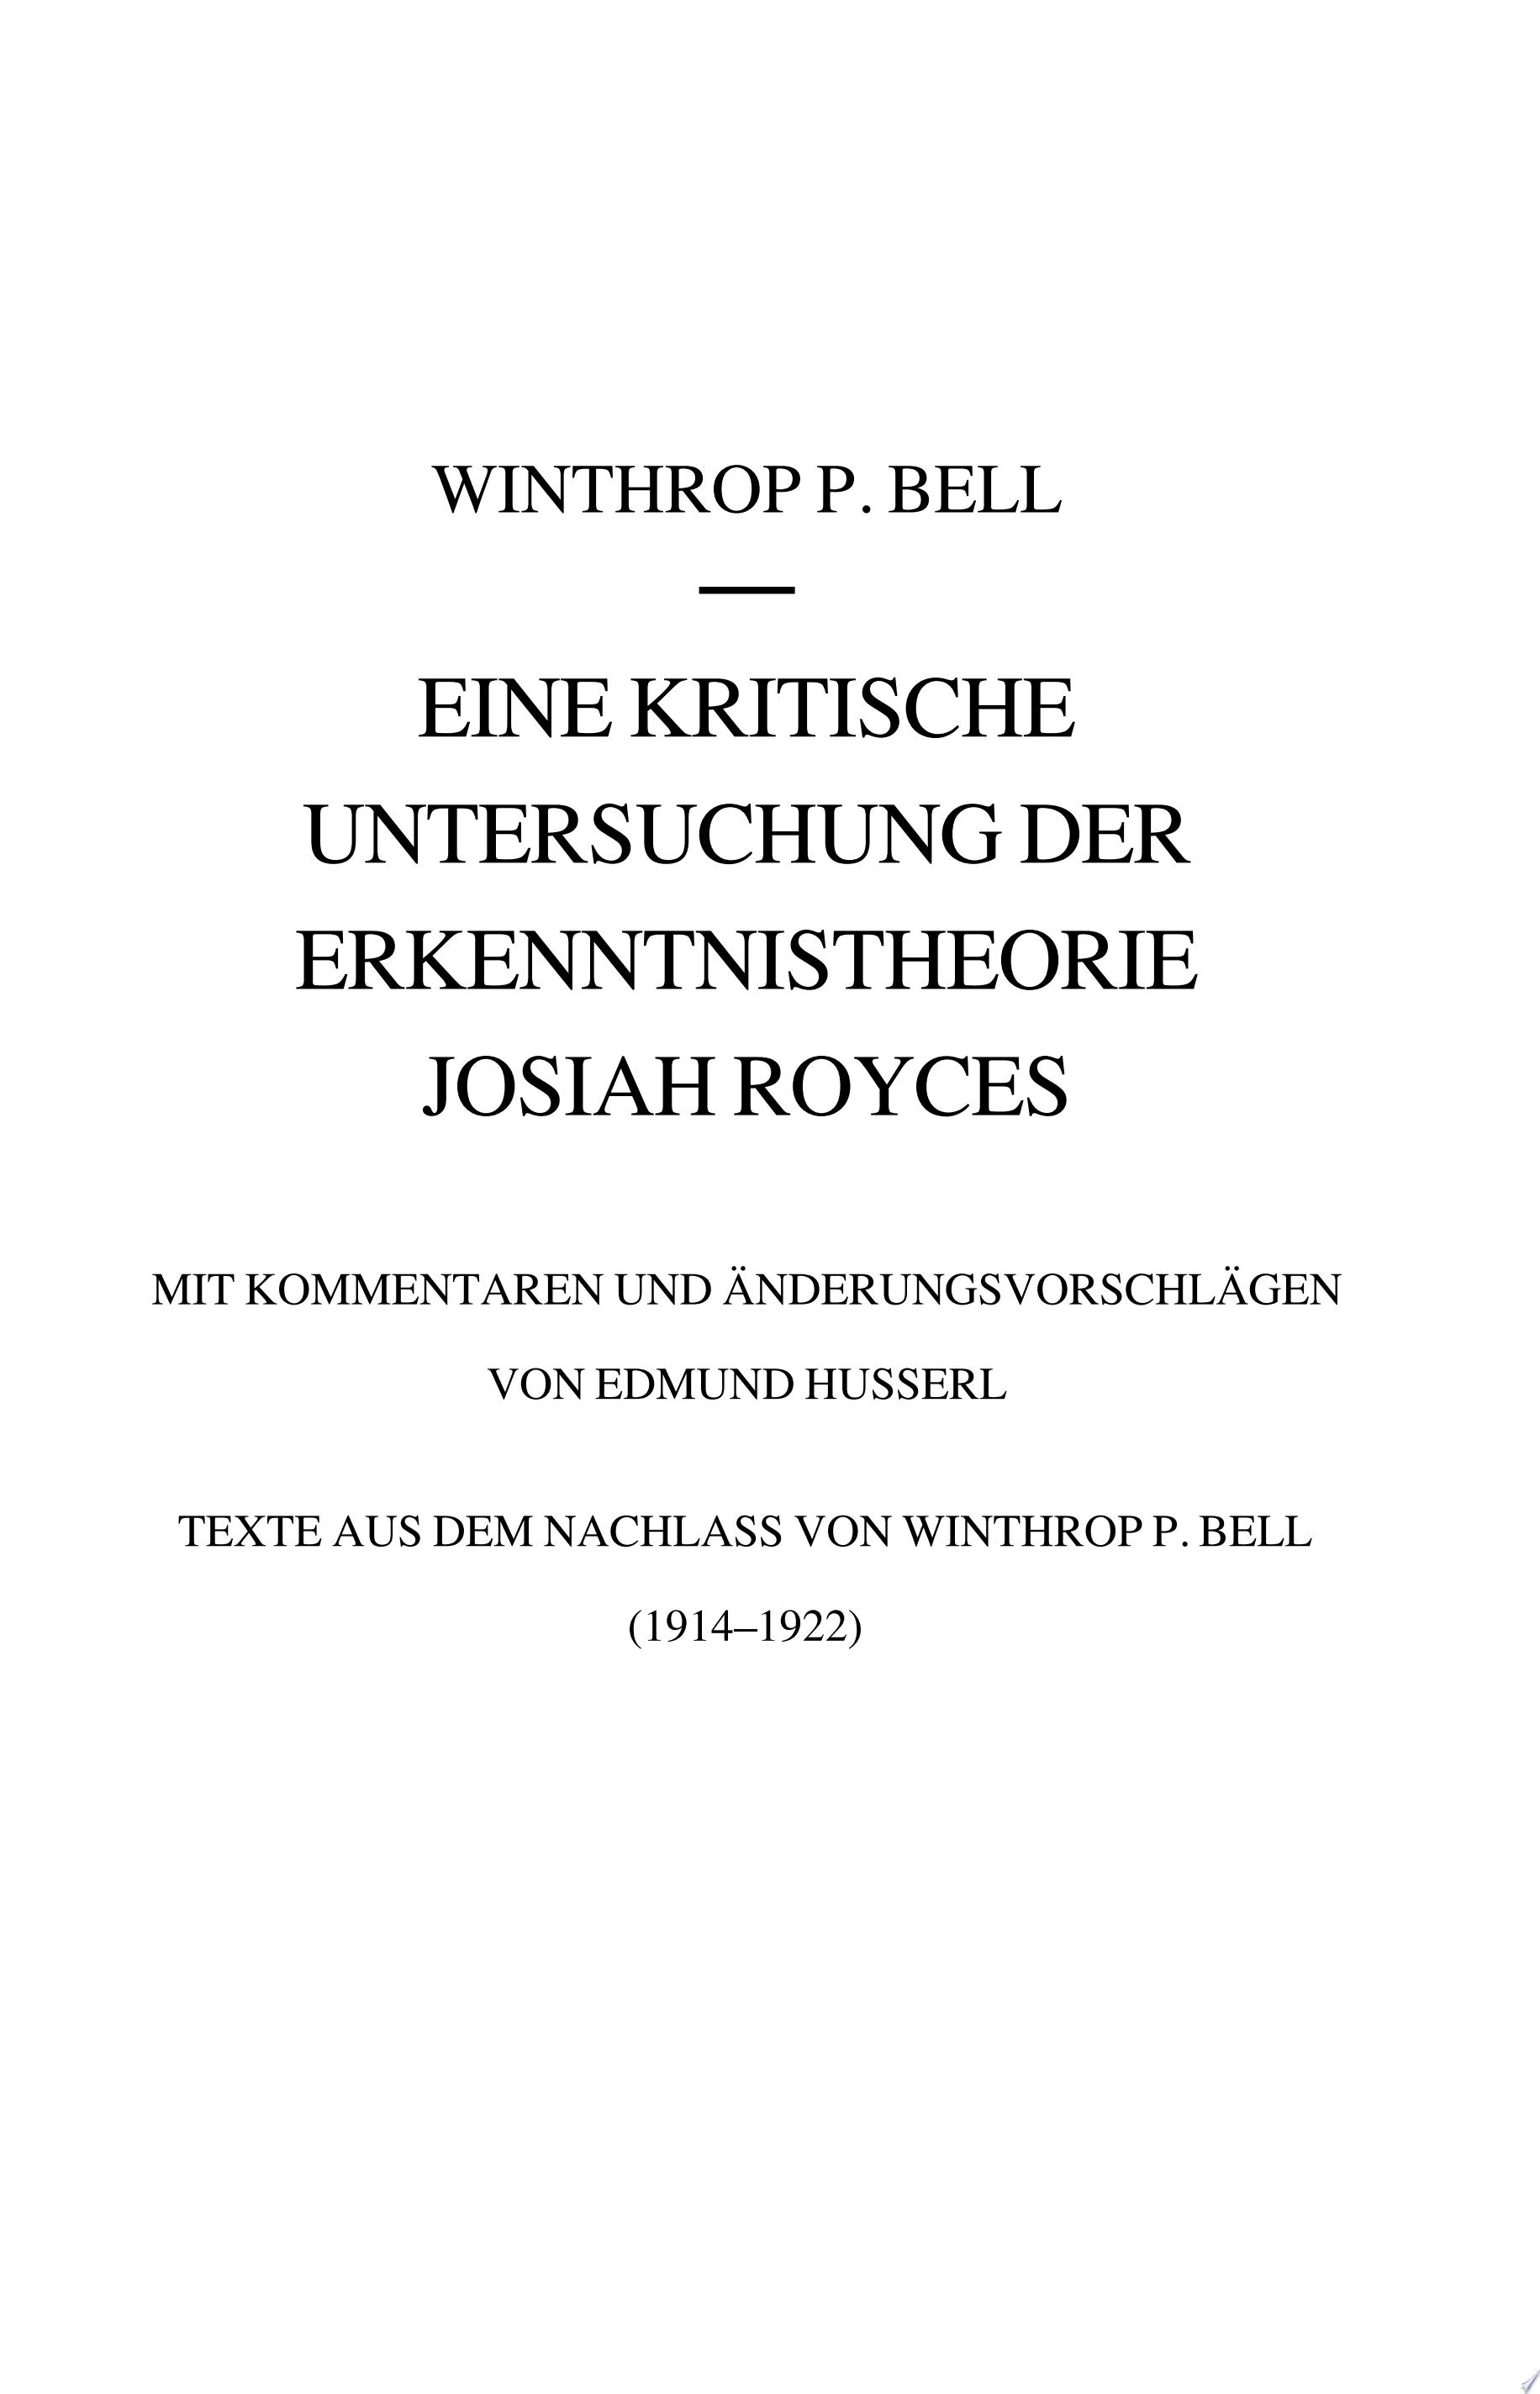 Eine kritische Untersuchung der Erkenntnistheorie Josiah Royces